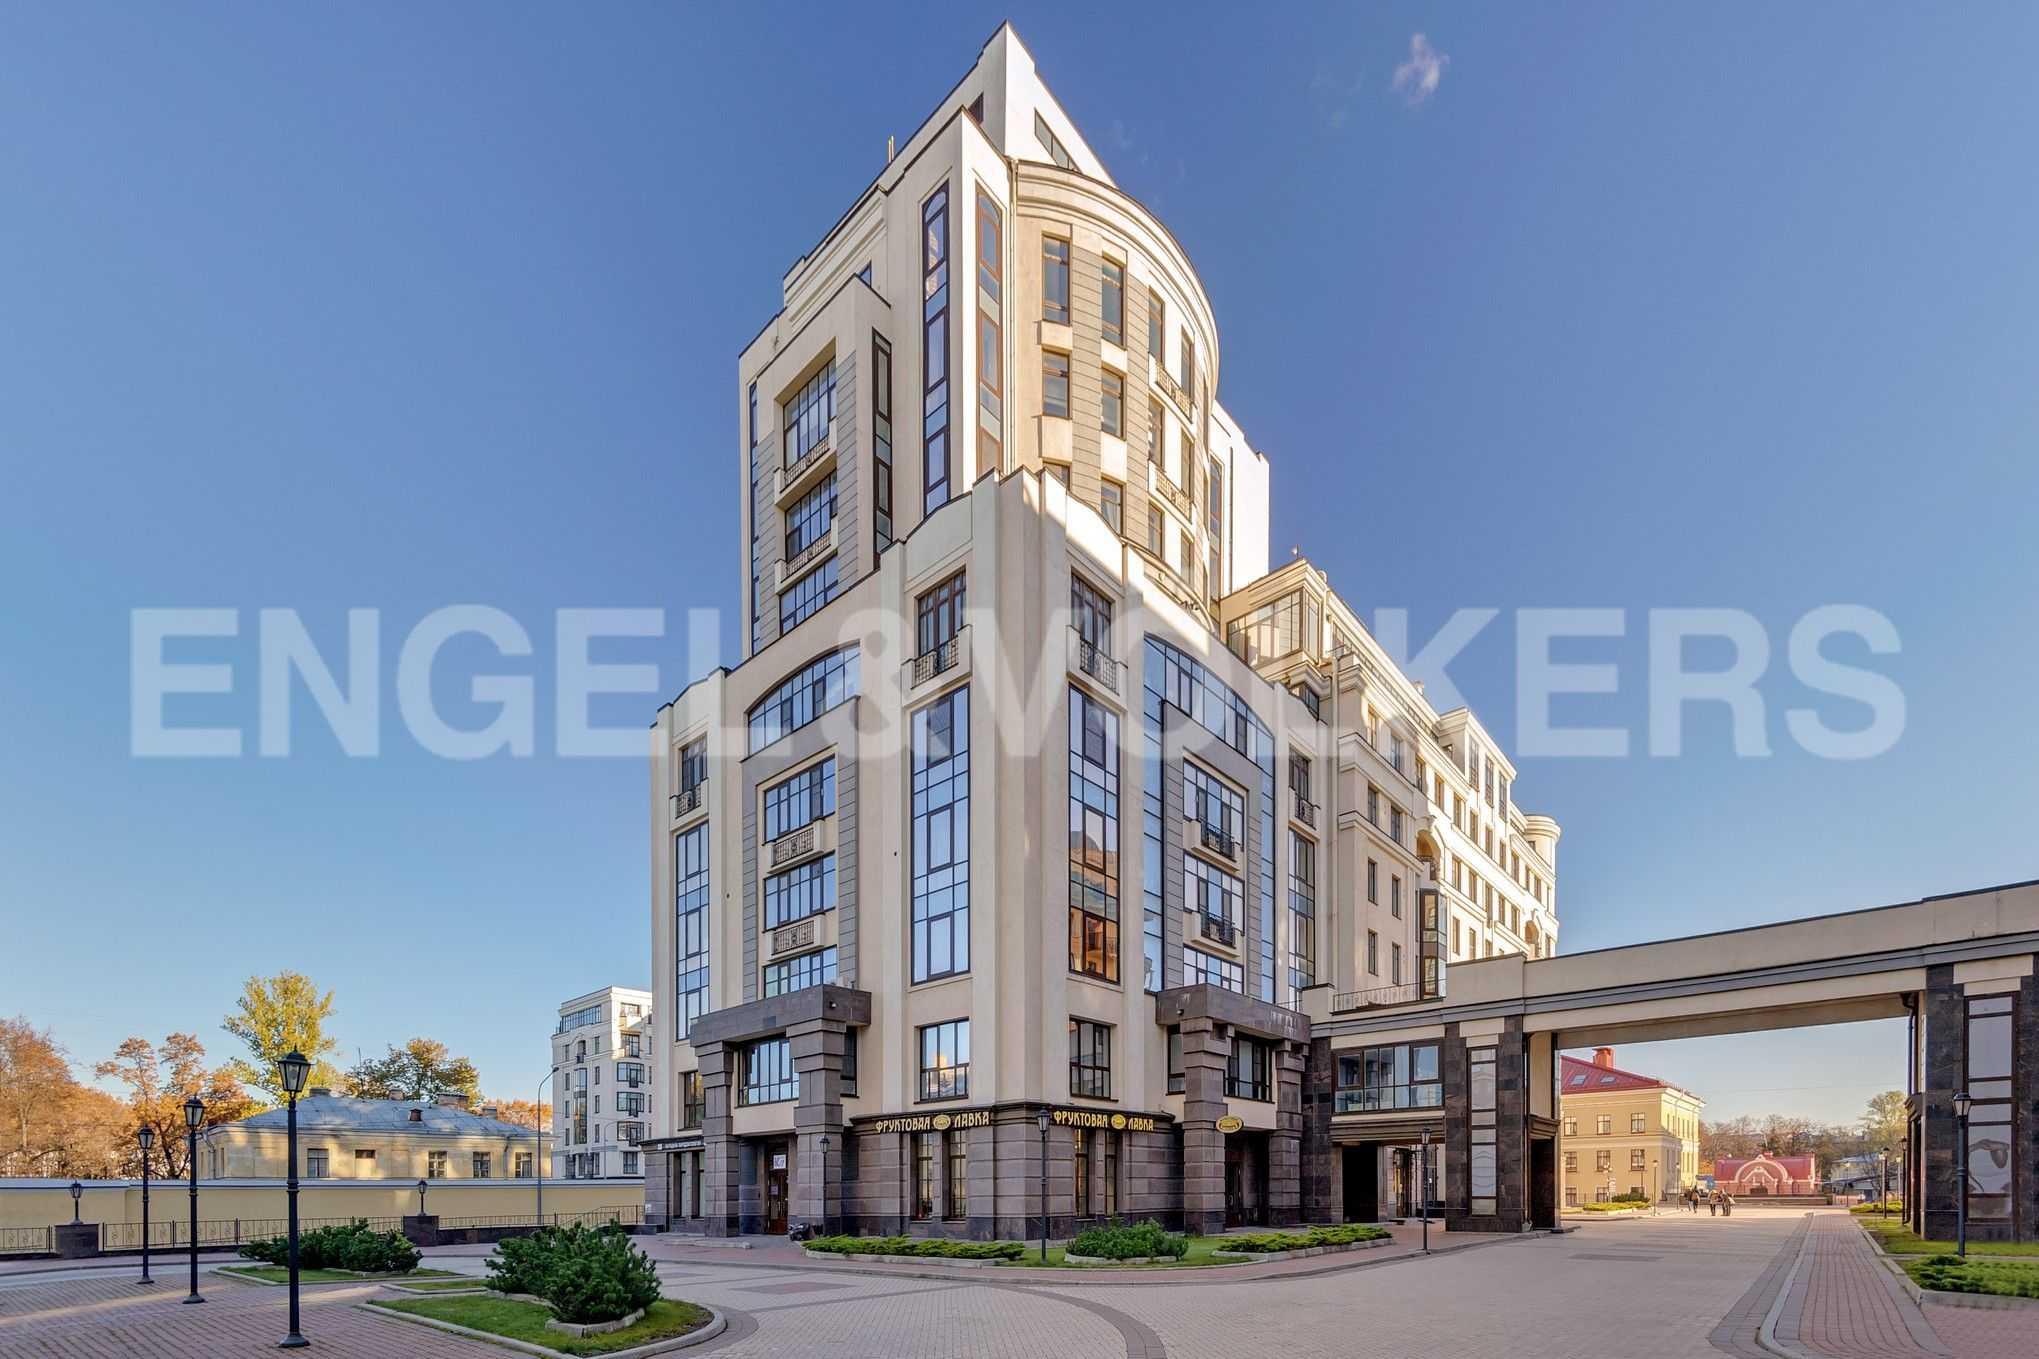 Элитные квартиры в Центральном районе. Санкт-Петербург, Парадная, 3. Фруктовая лавка на территории комплекса